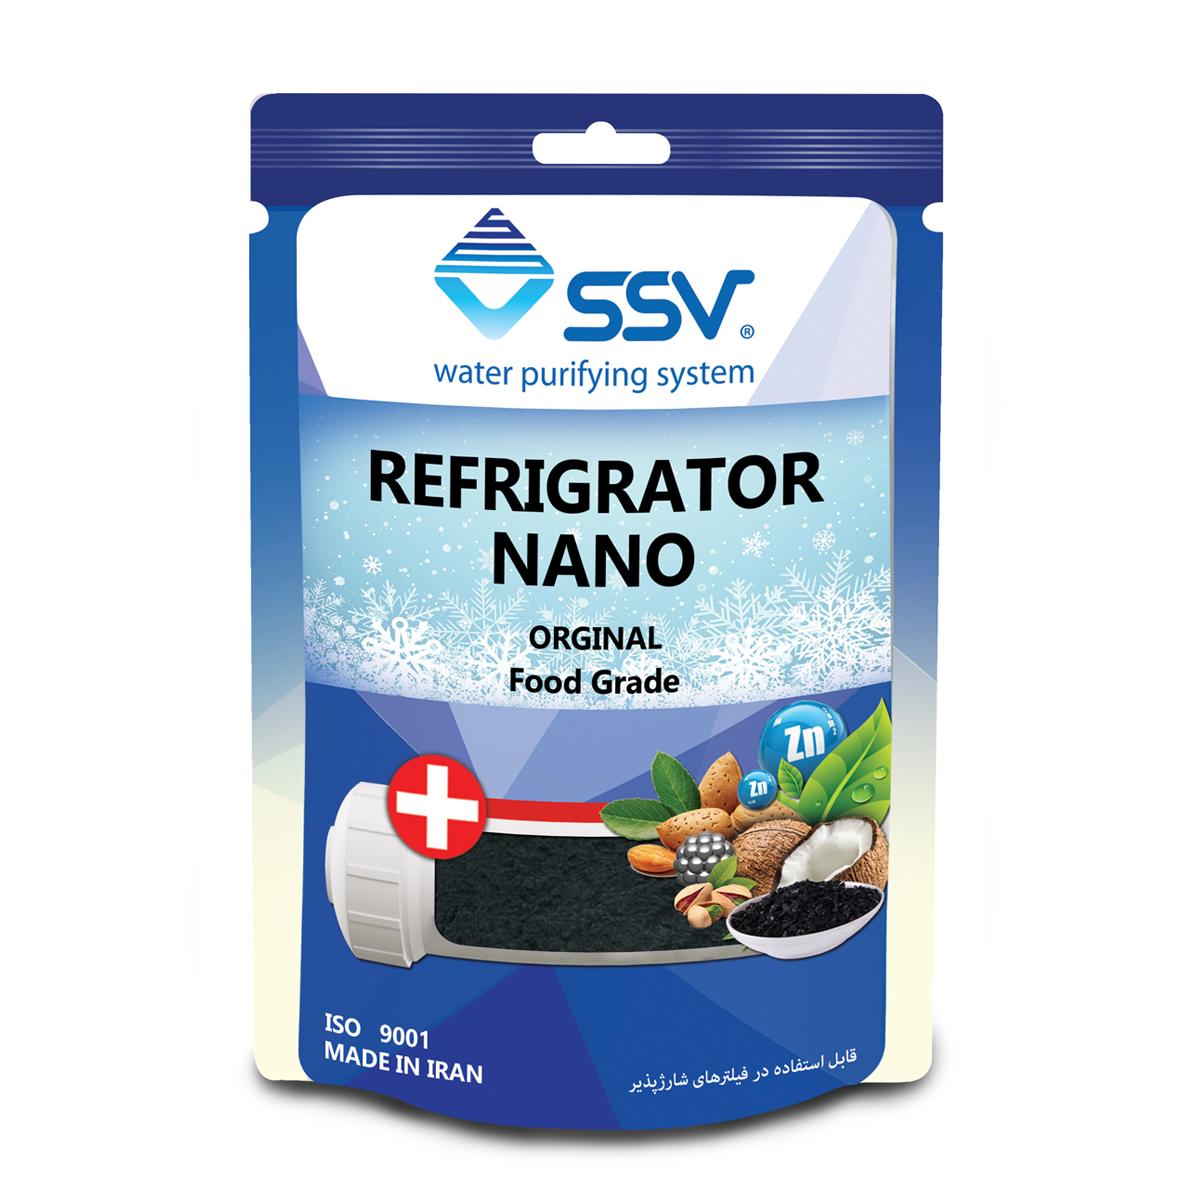 شارژ  فیلتر دستگاه تصفیه کننده آب اس اس وی مدل RNS-2500G وزن 140 گرم